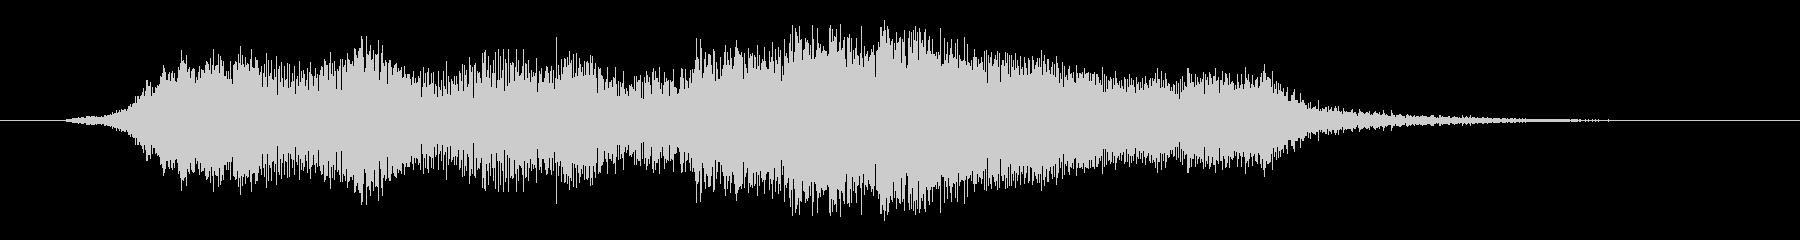 オーケストラのイントロ・タイトルジングルの未再生の波形